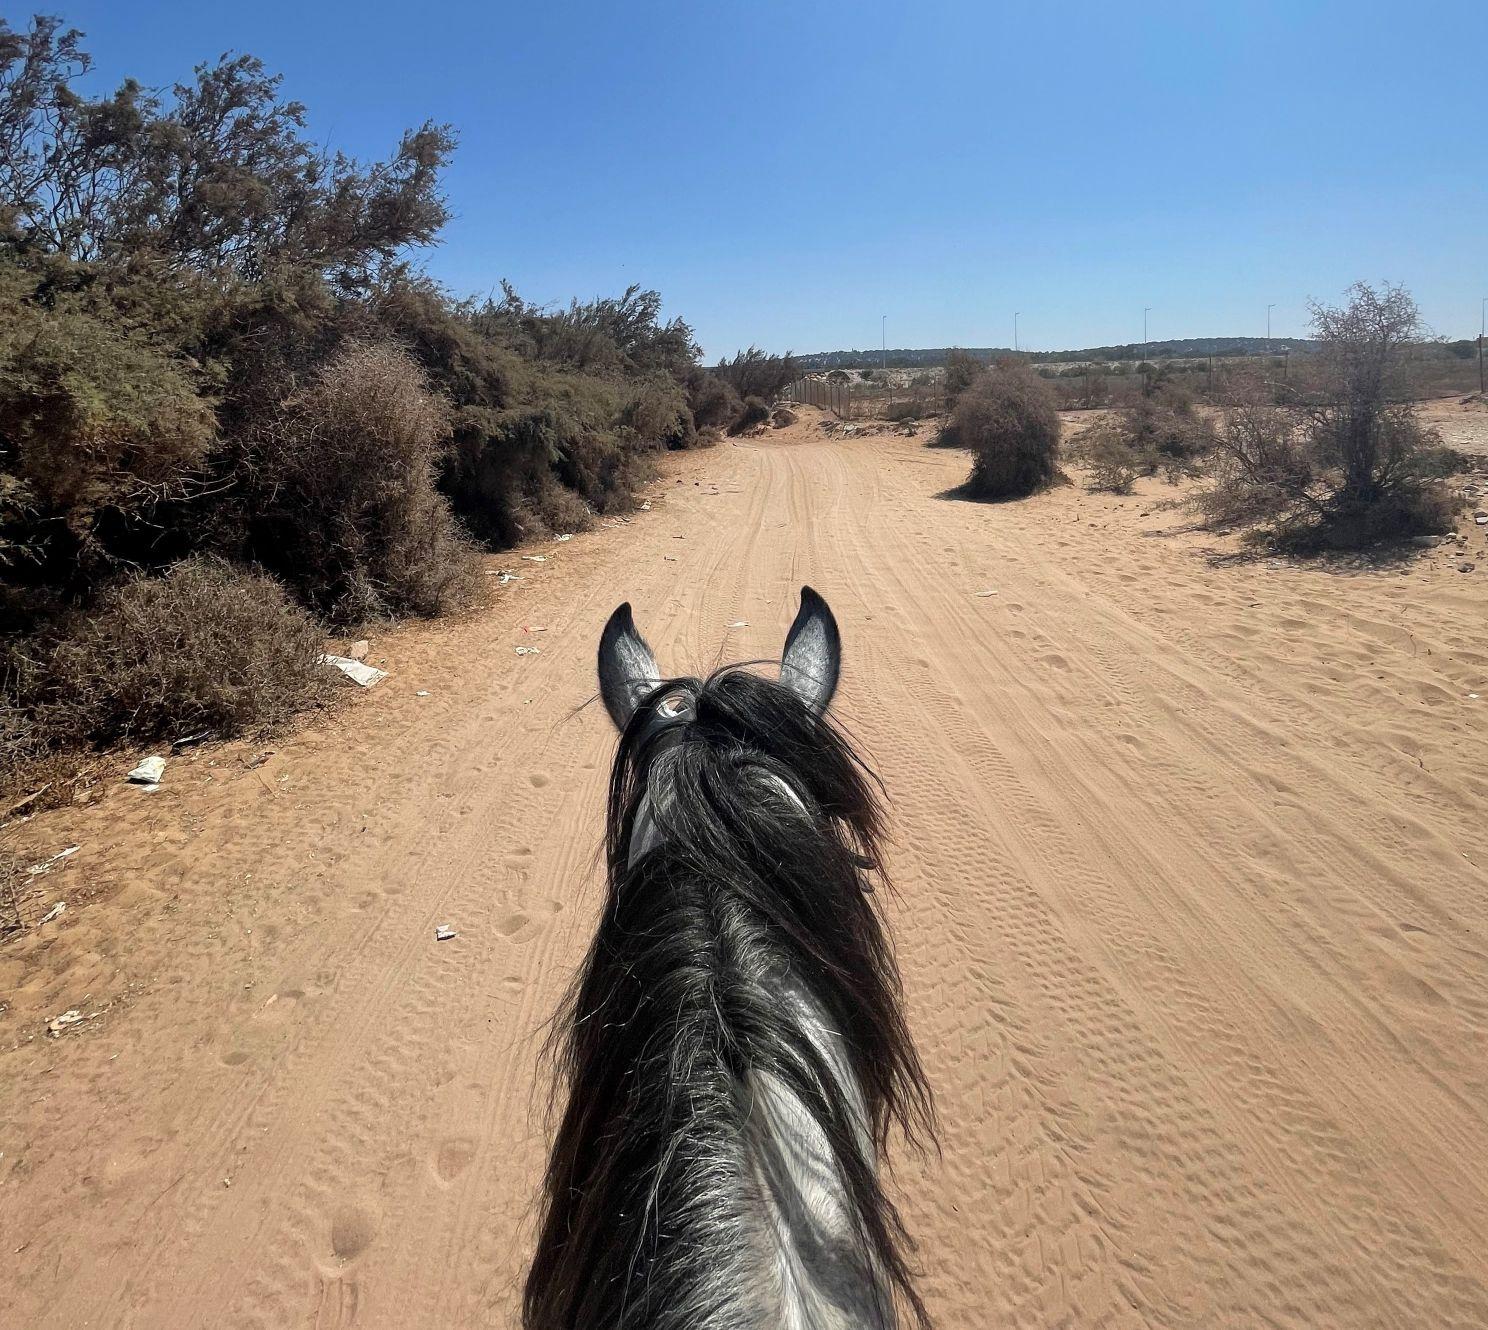 horse riding morocco essaouira yassine cavalier